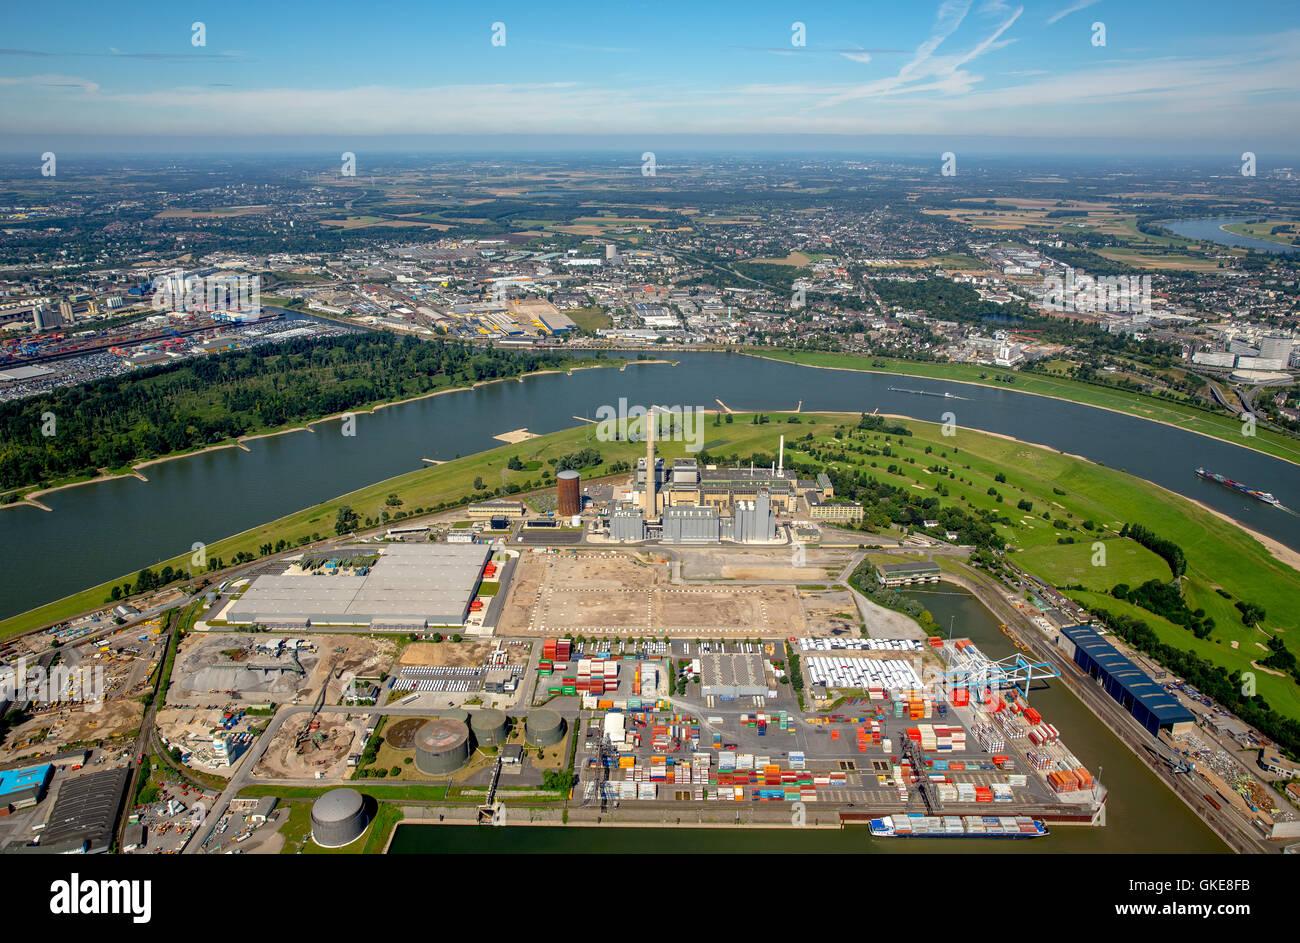 Aerial view, powerplant Kraftwerk Lausward at the Rhine river, Dusseldorf, Rhine country, north rhine-westphalia, - Stock Image